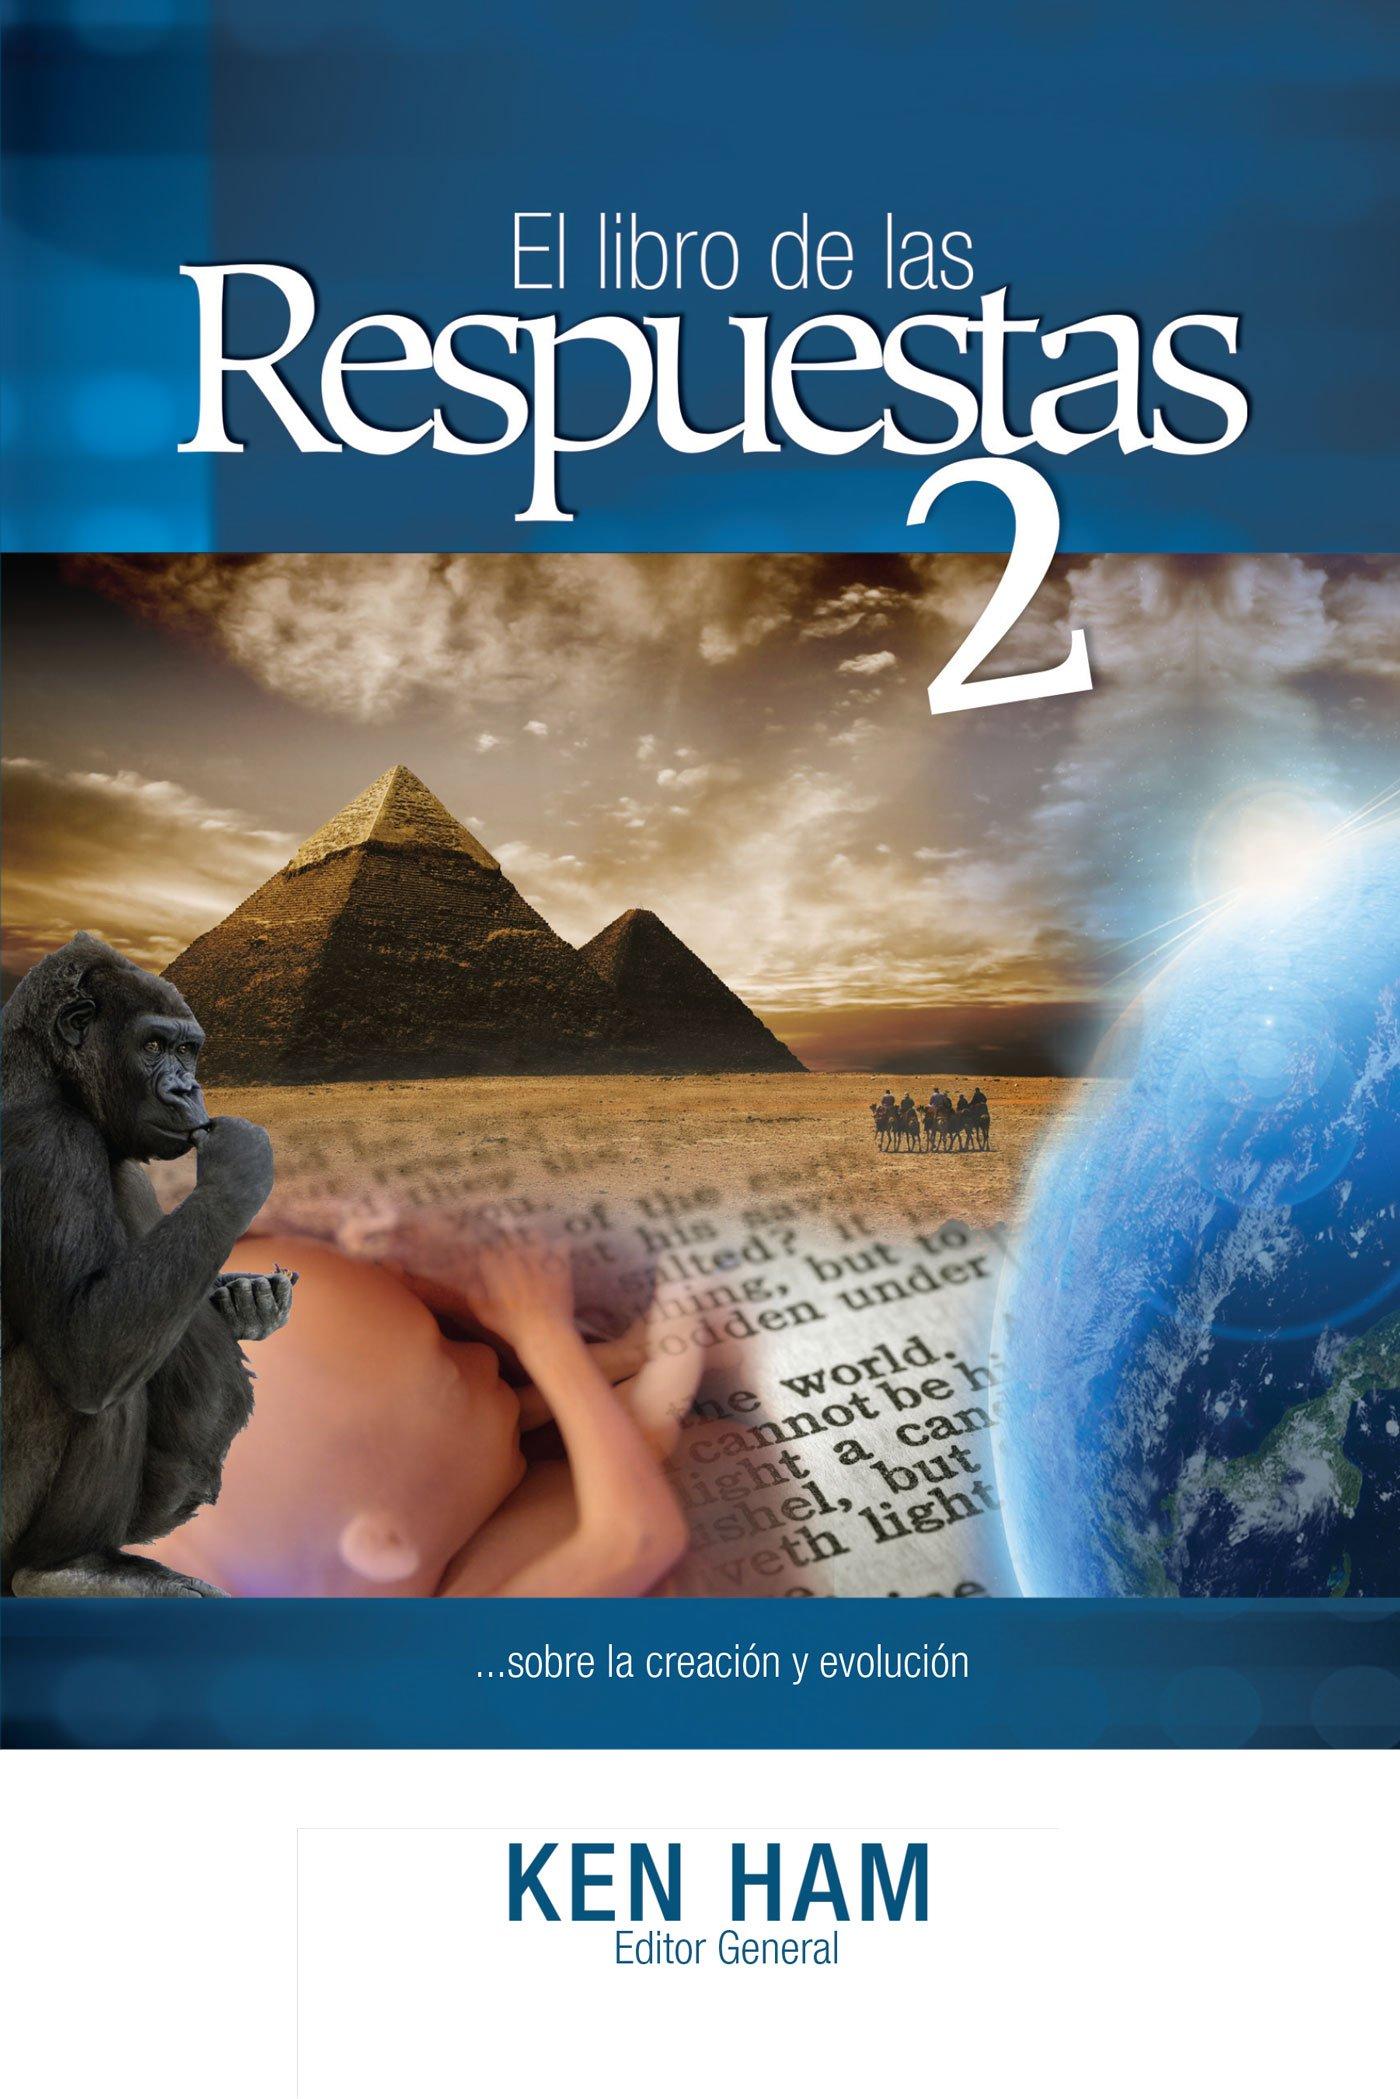 El libro de las Respuestas 2 (New Answers Book 2) (Spanish Edition) pdf